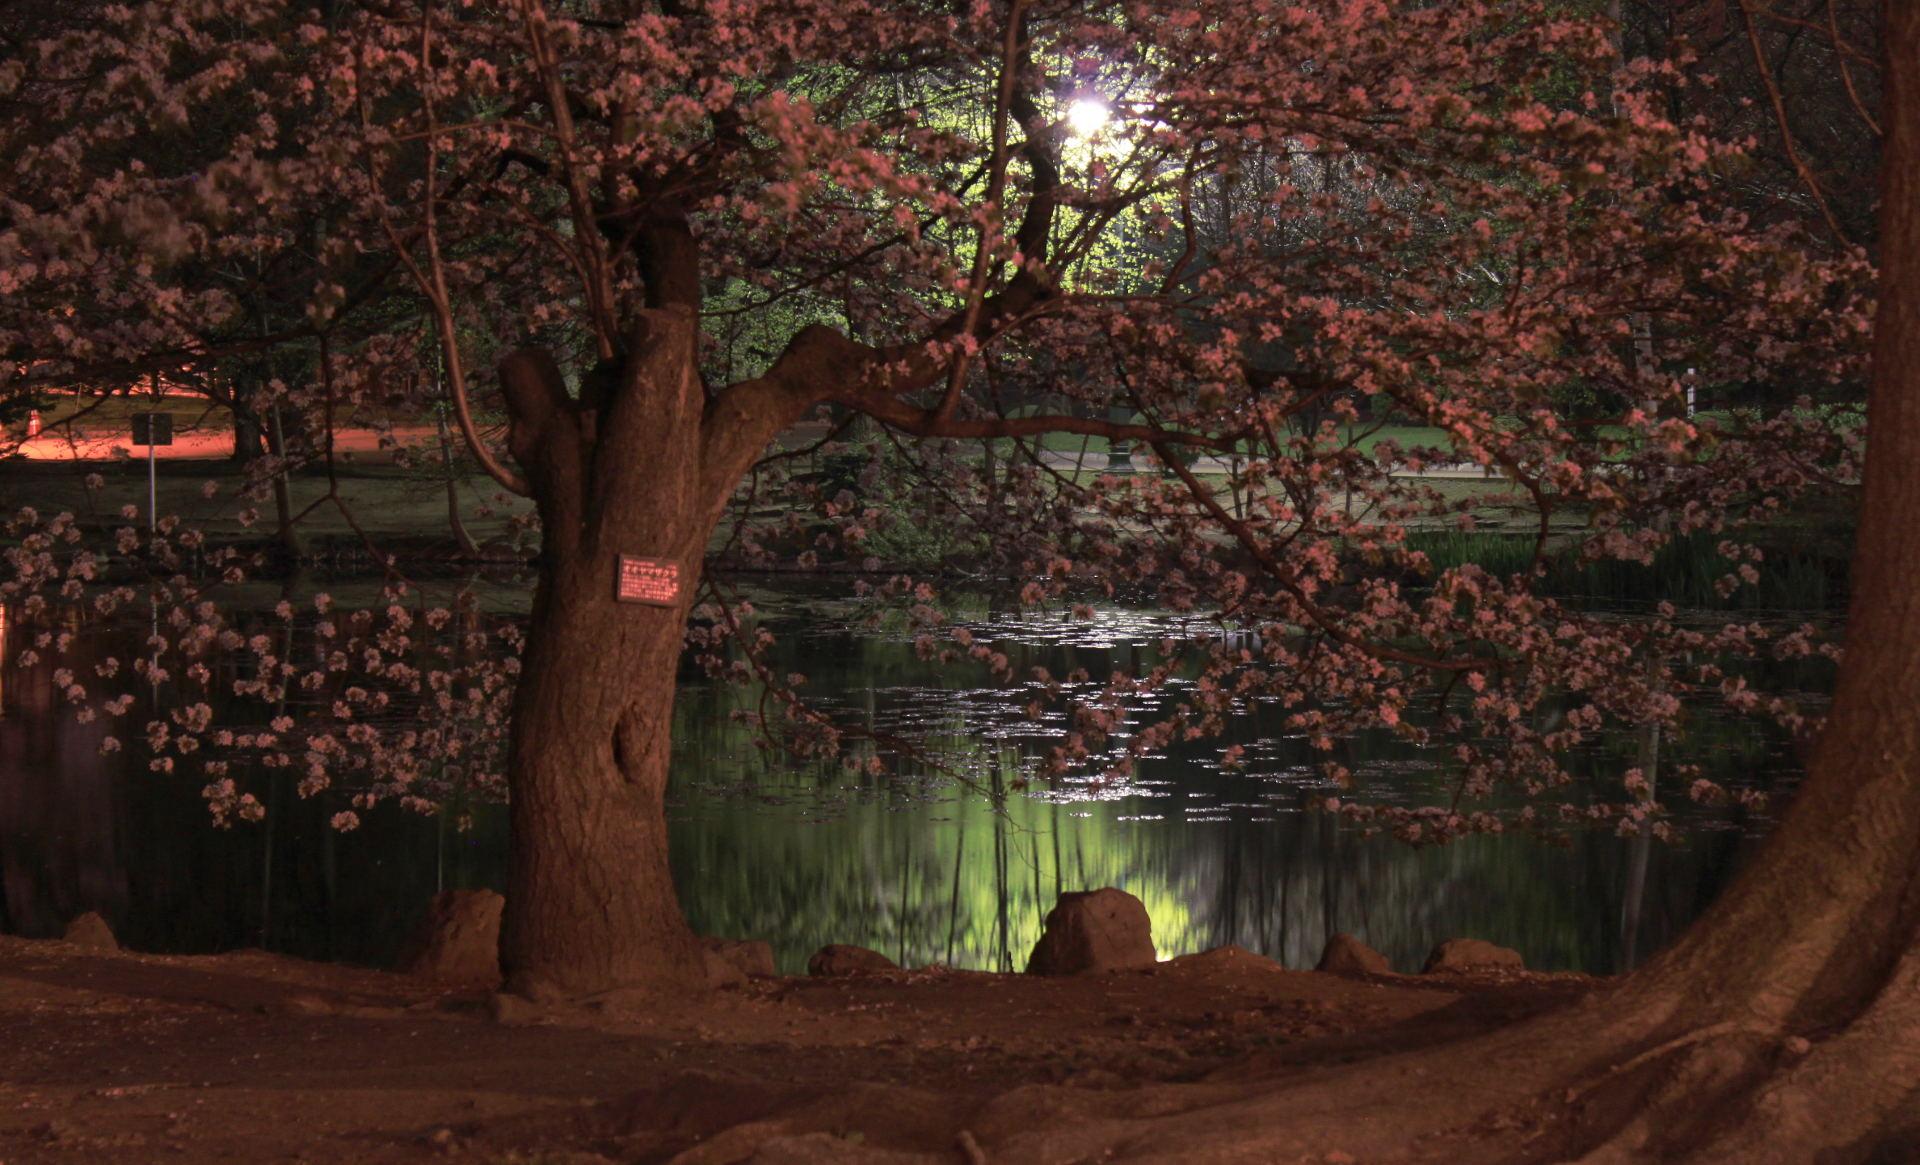 japonia hokkaido sapporo widok noca iglawpodrozy